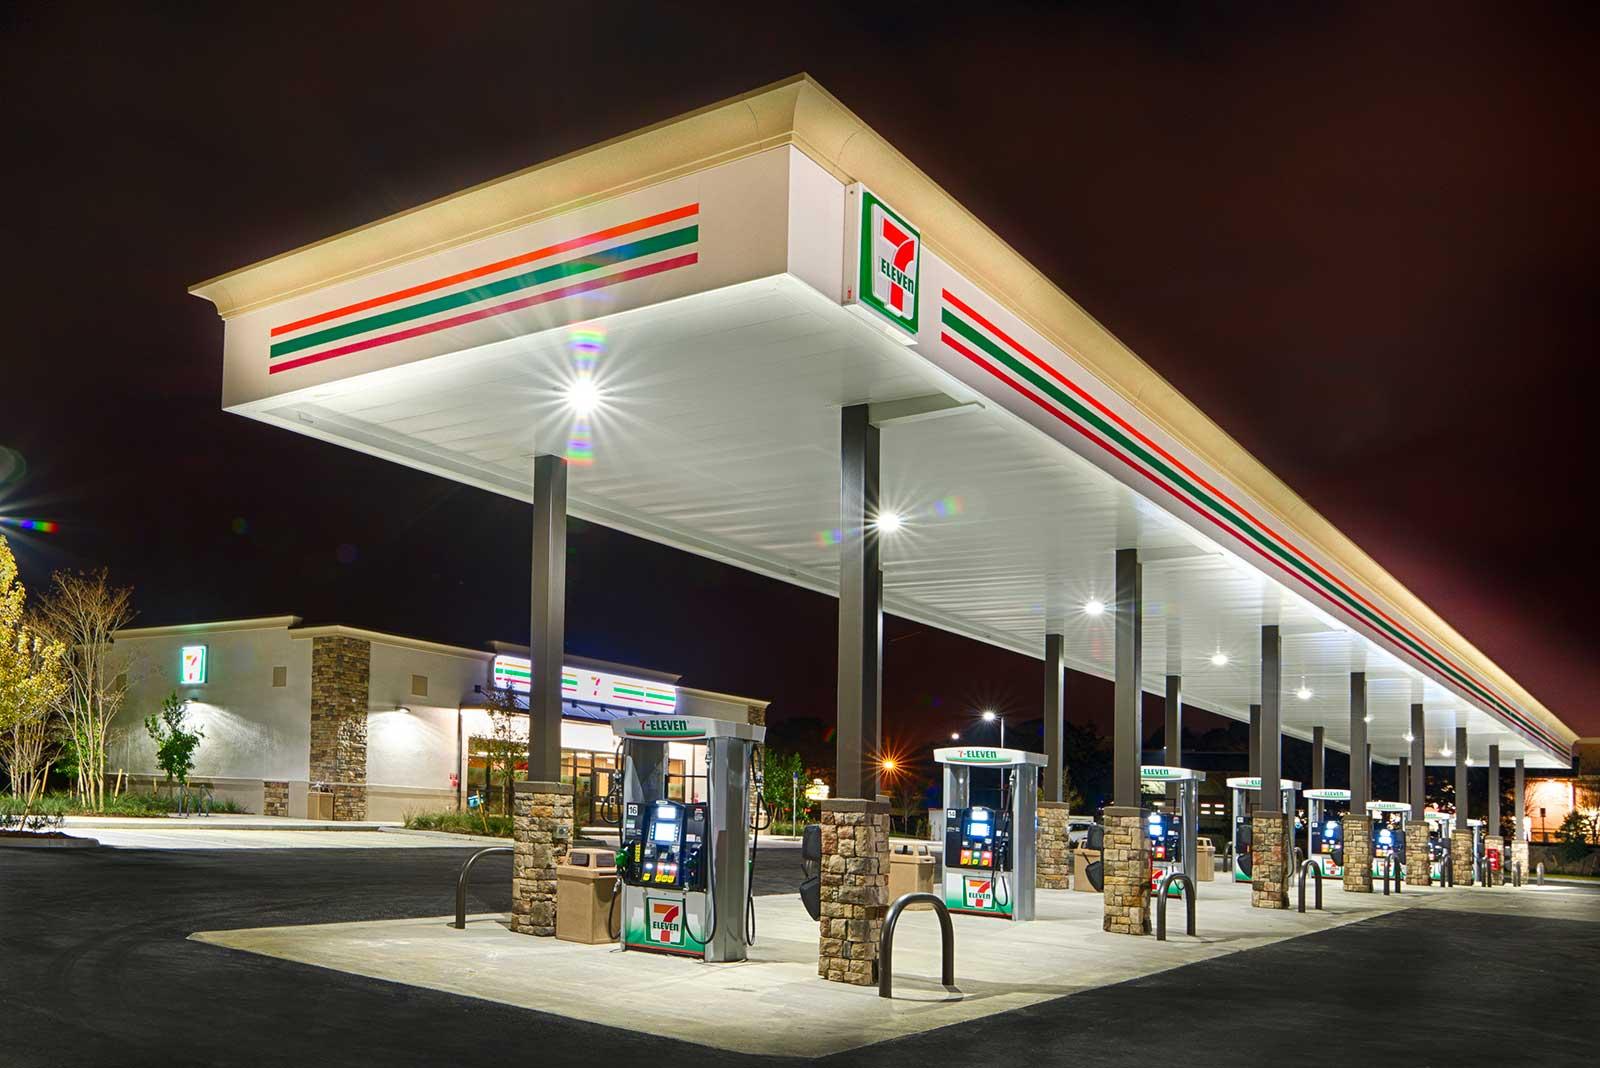 7-Eleven in Zephyrhills, Florida